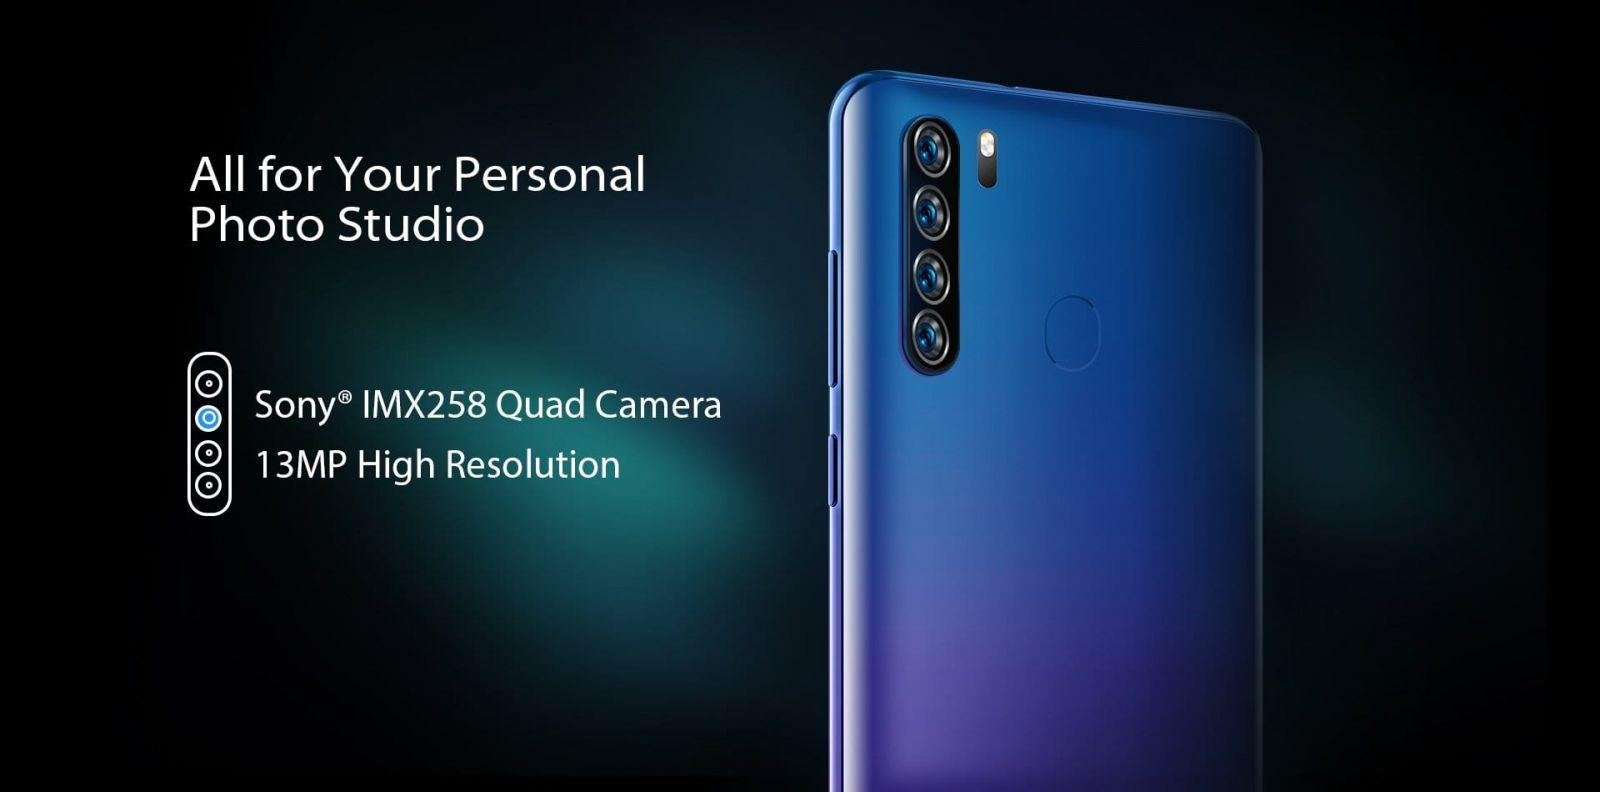 Компания Blackview представила смартфон с квадрокамерой всего за 80 долларов (2019 11 29 10 04 37)